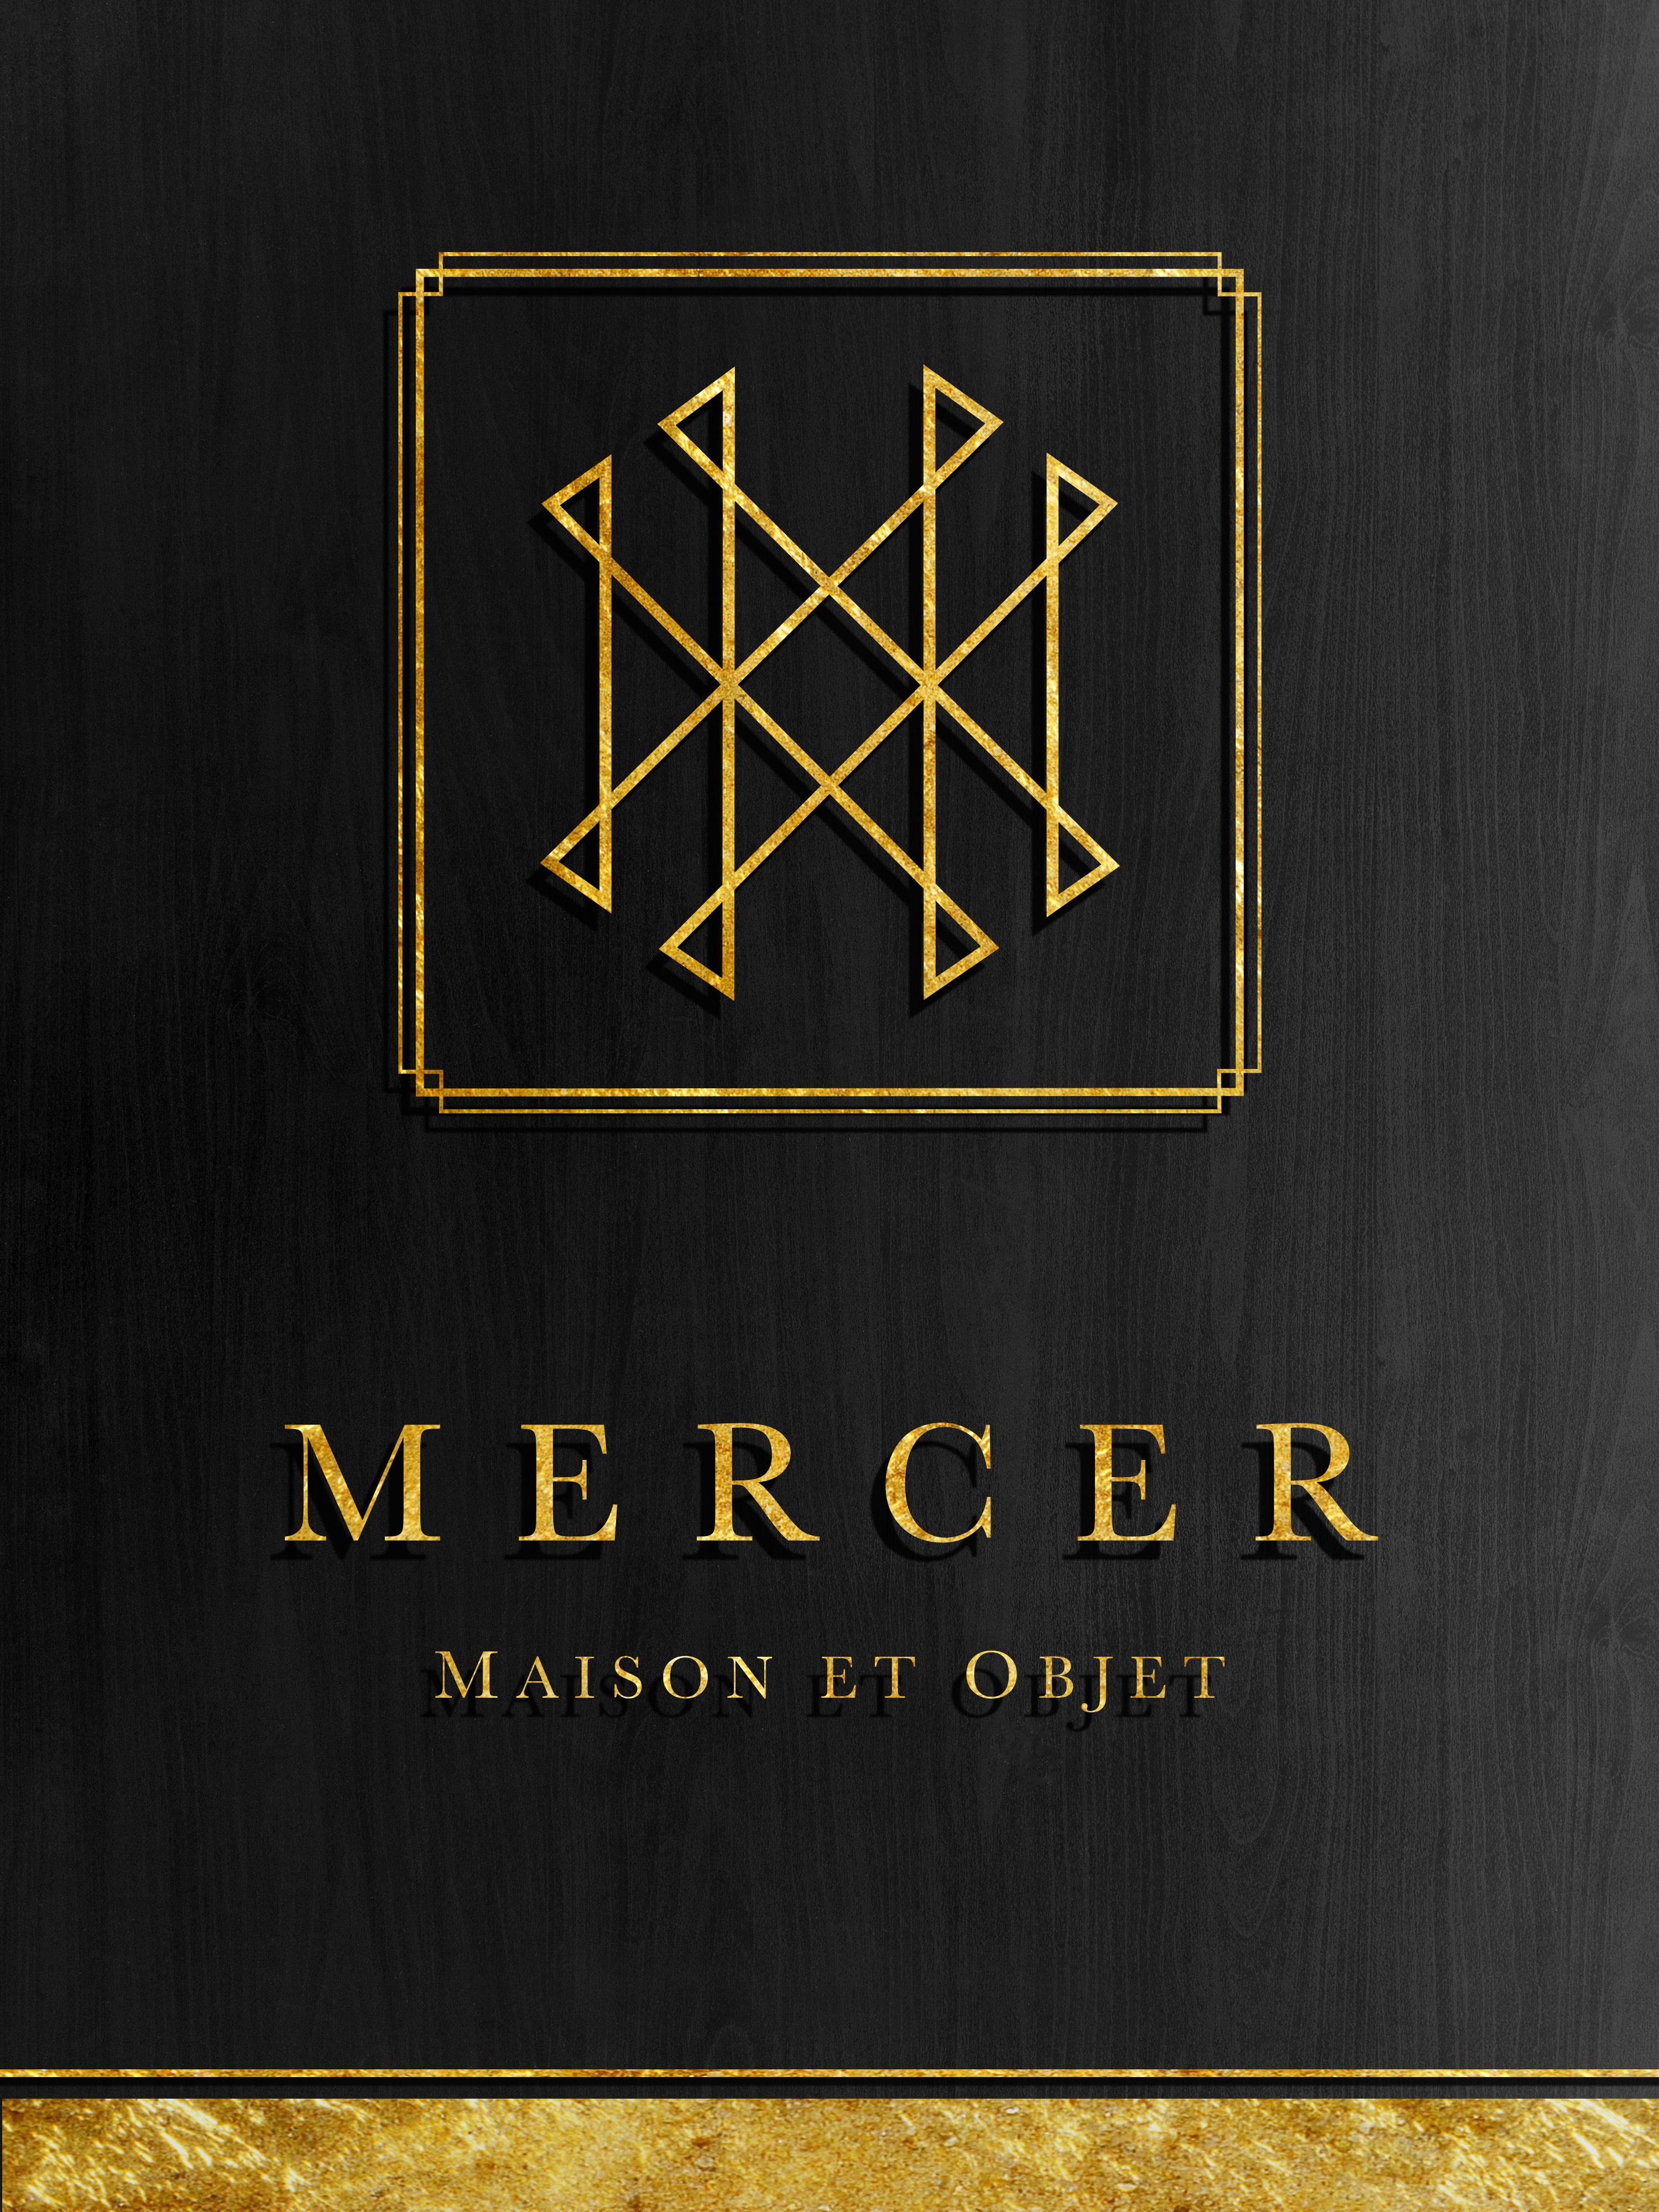 Monokrom | Mercer Logo